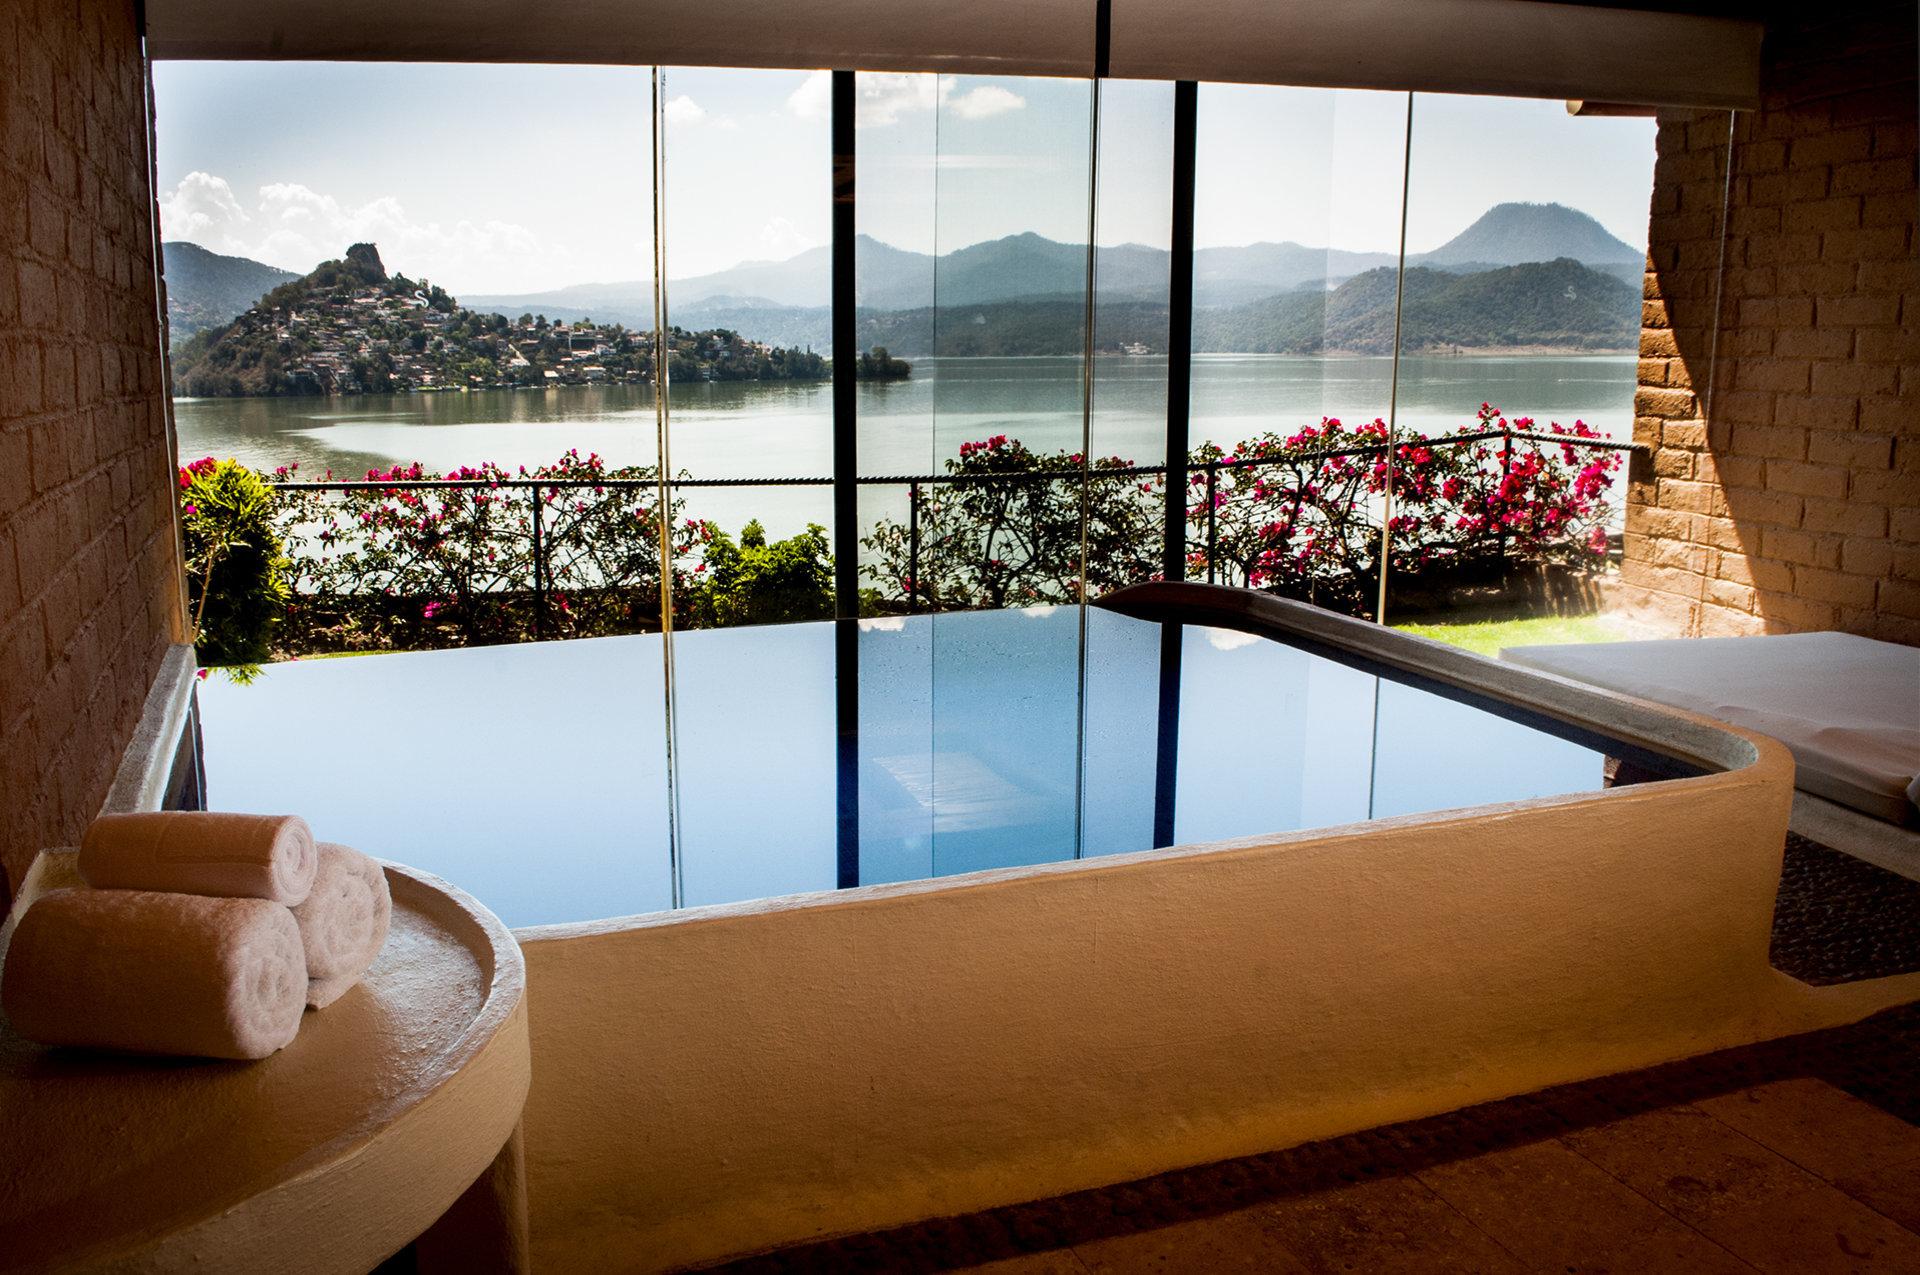 Foto de piscina interior con vista al lago de Valle de Bravo